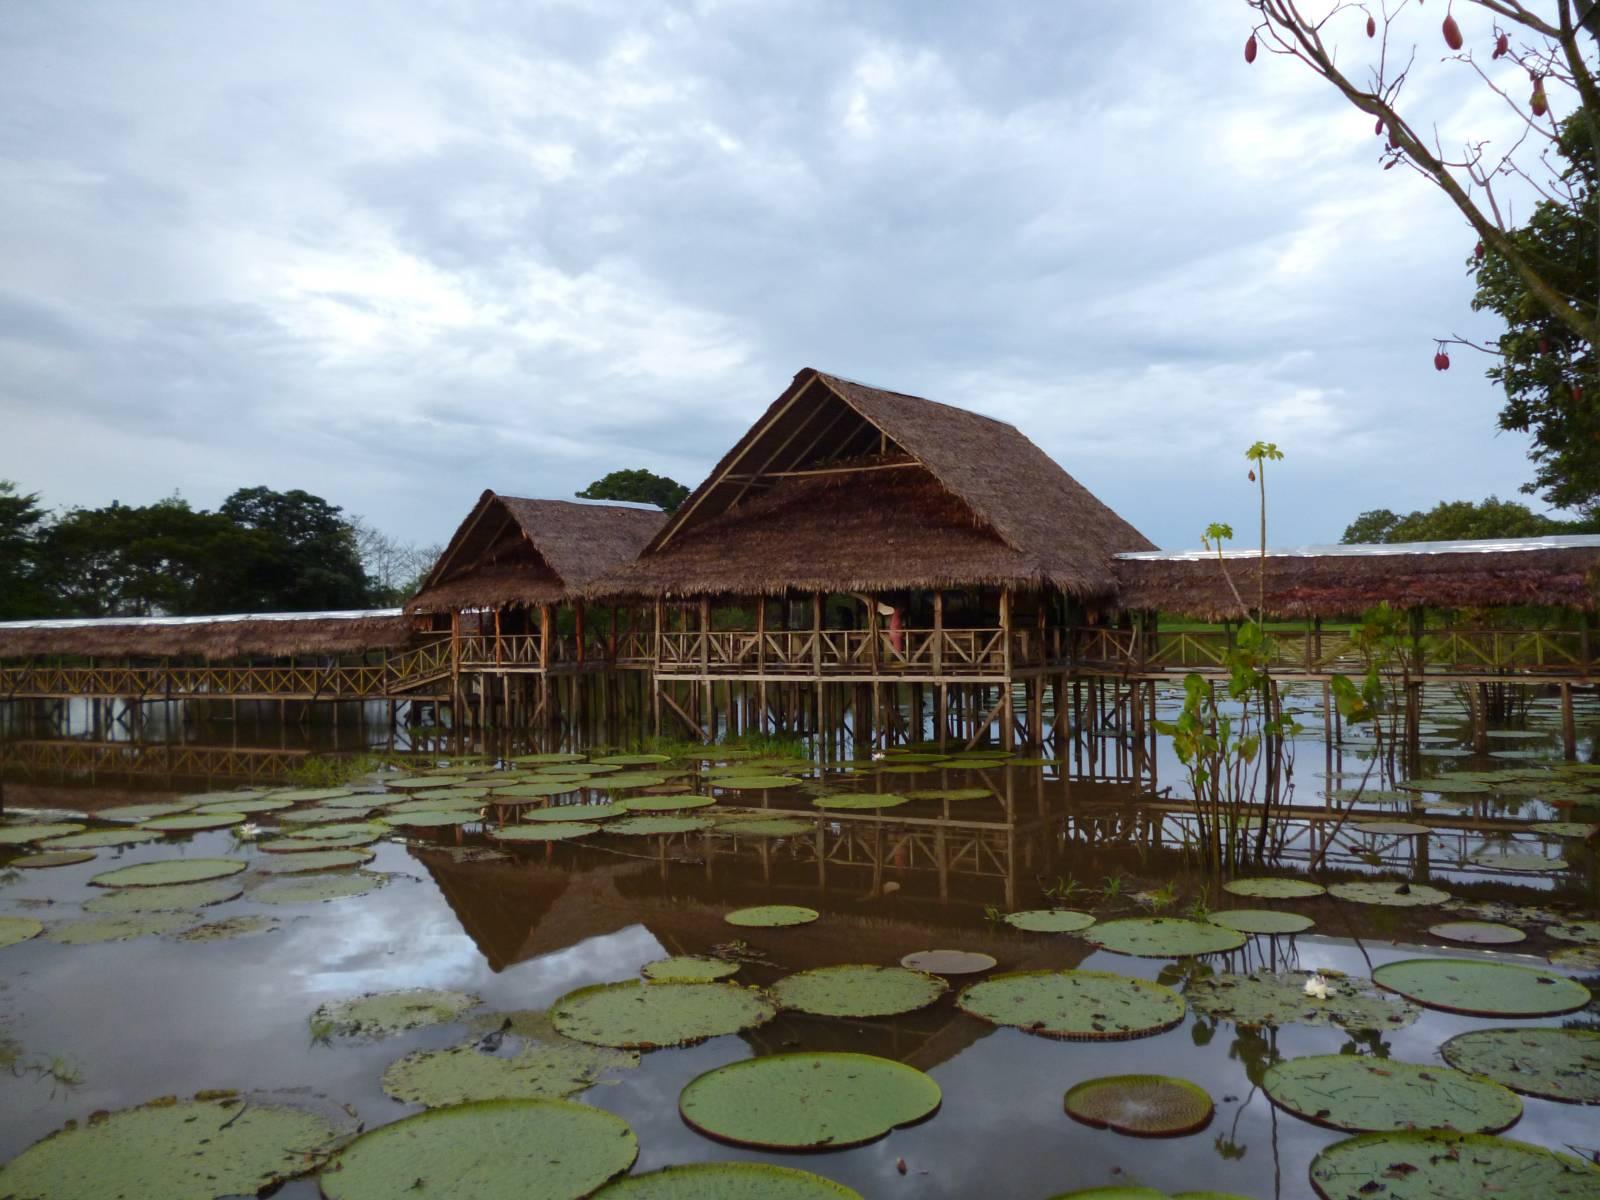 Habitation sur les rives du fleuve Amazone